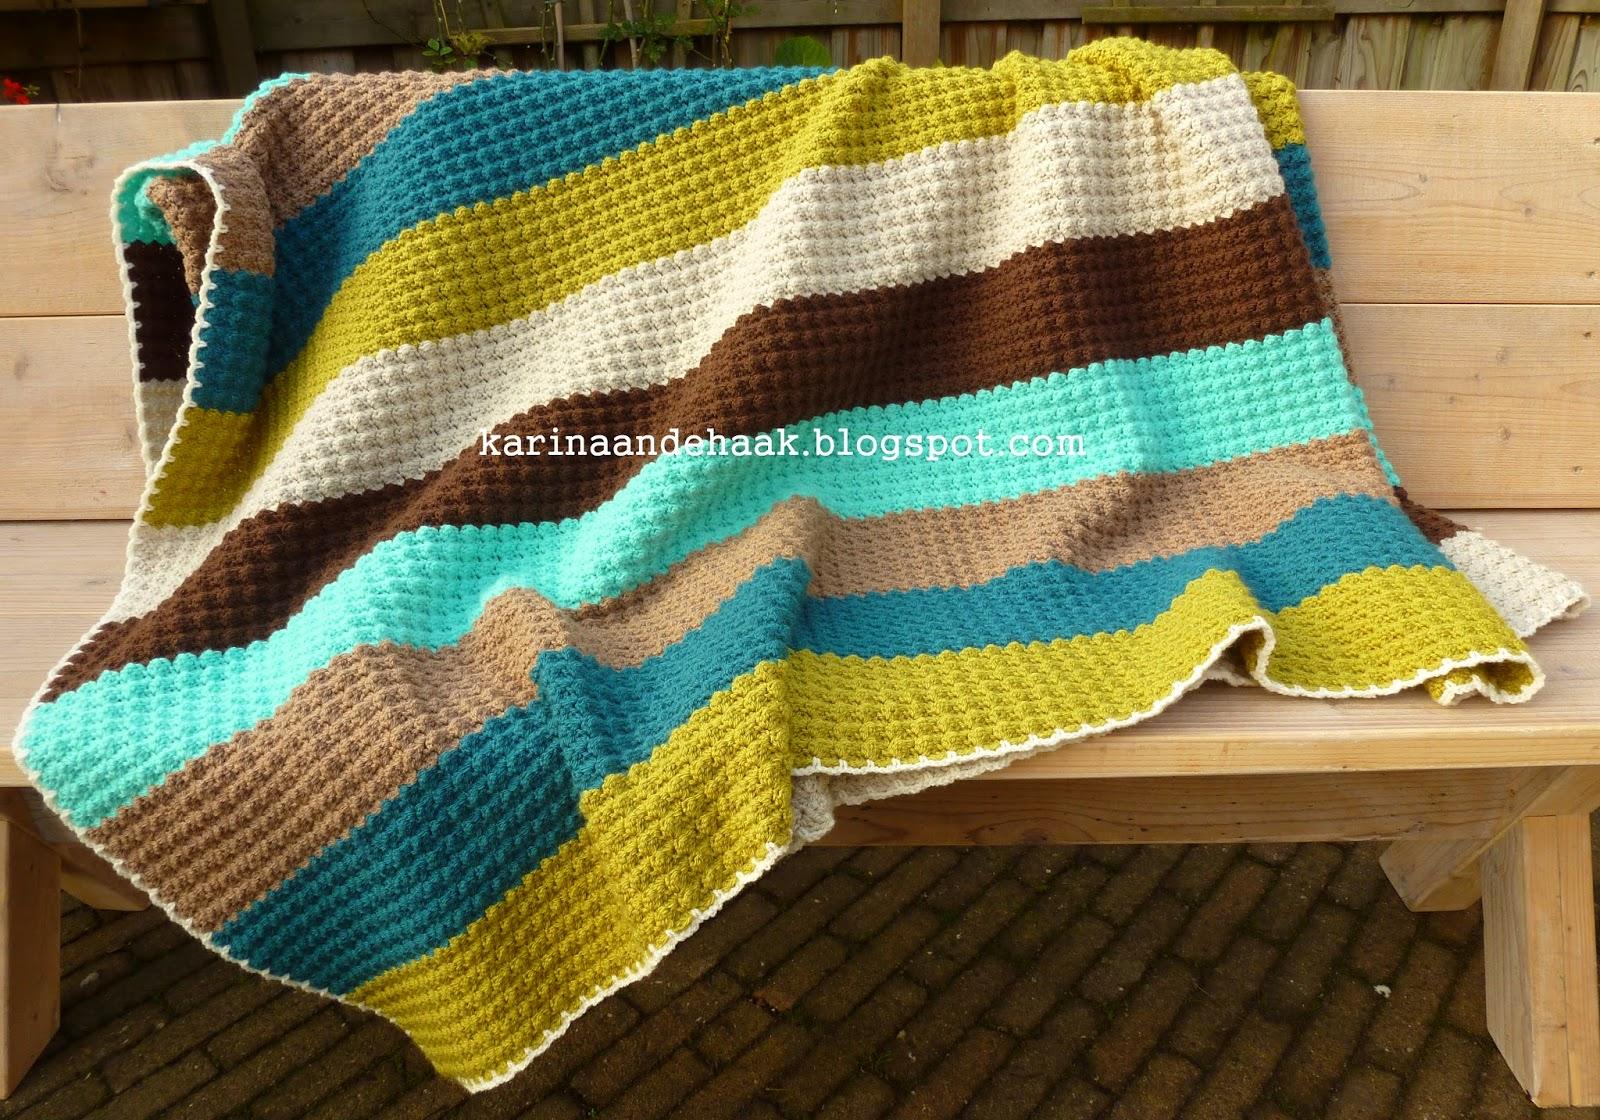 Karin aan de haak Dikke gehaakte retro deken met patroon